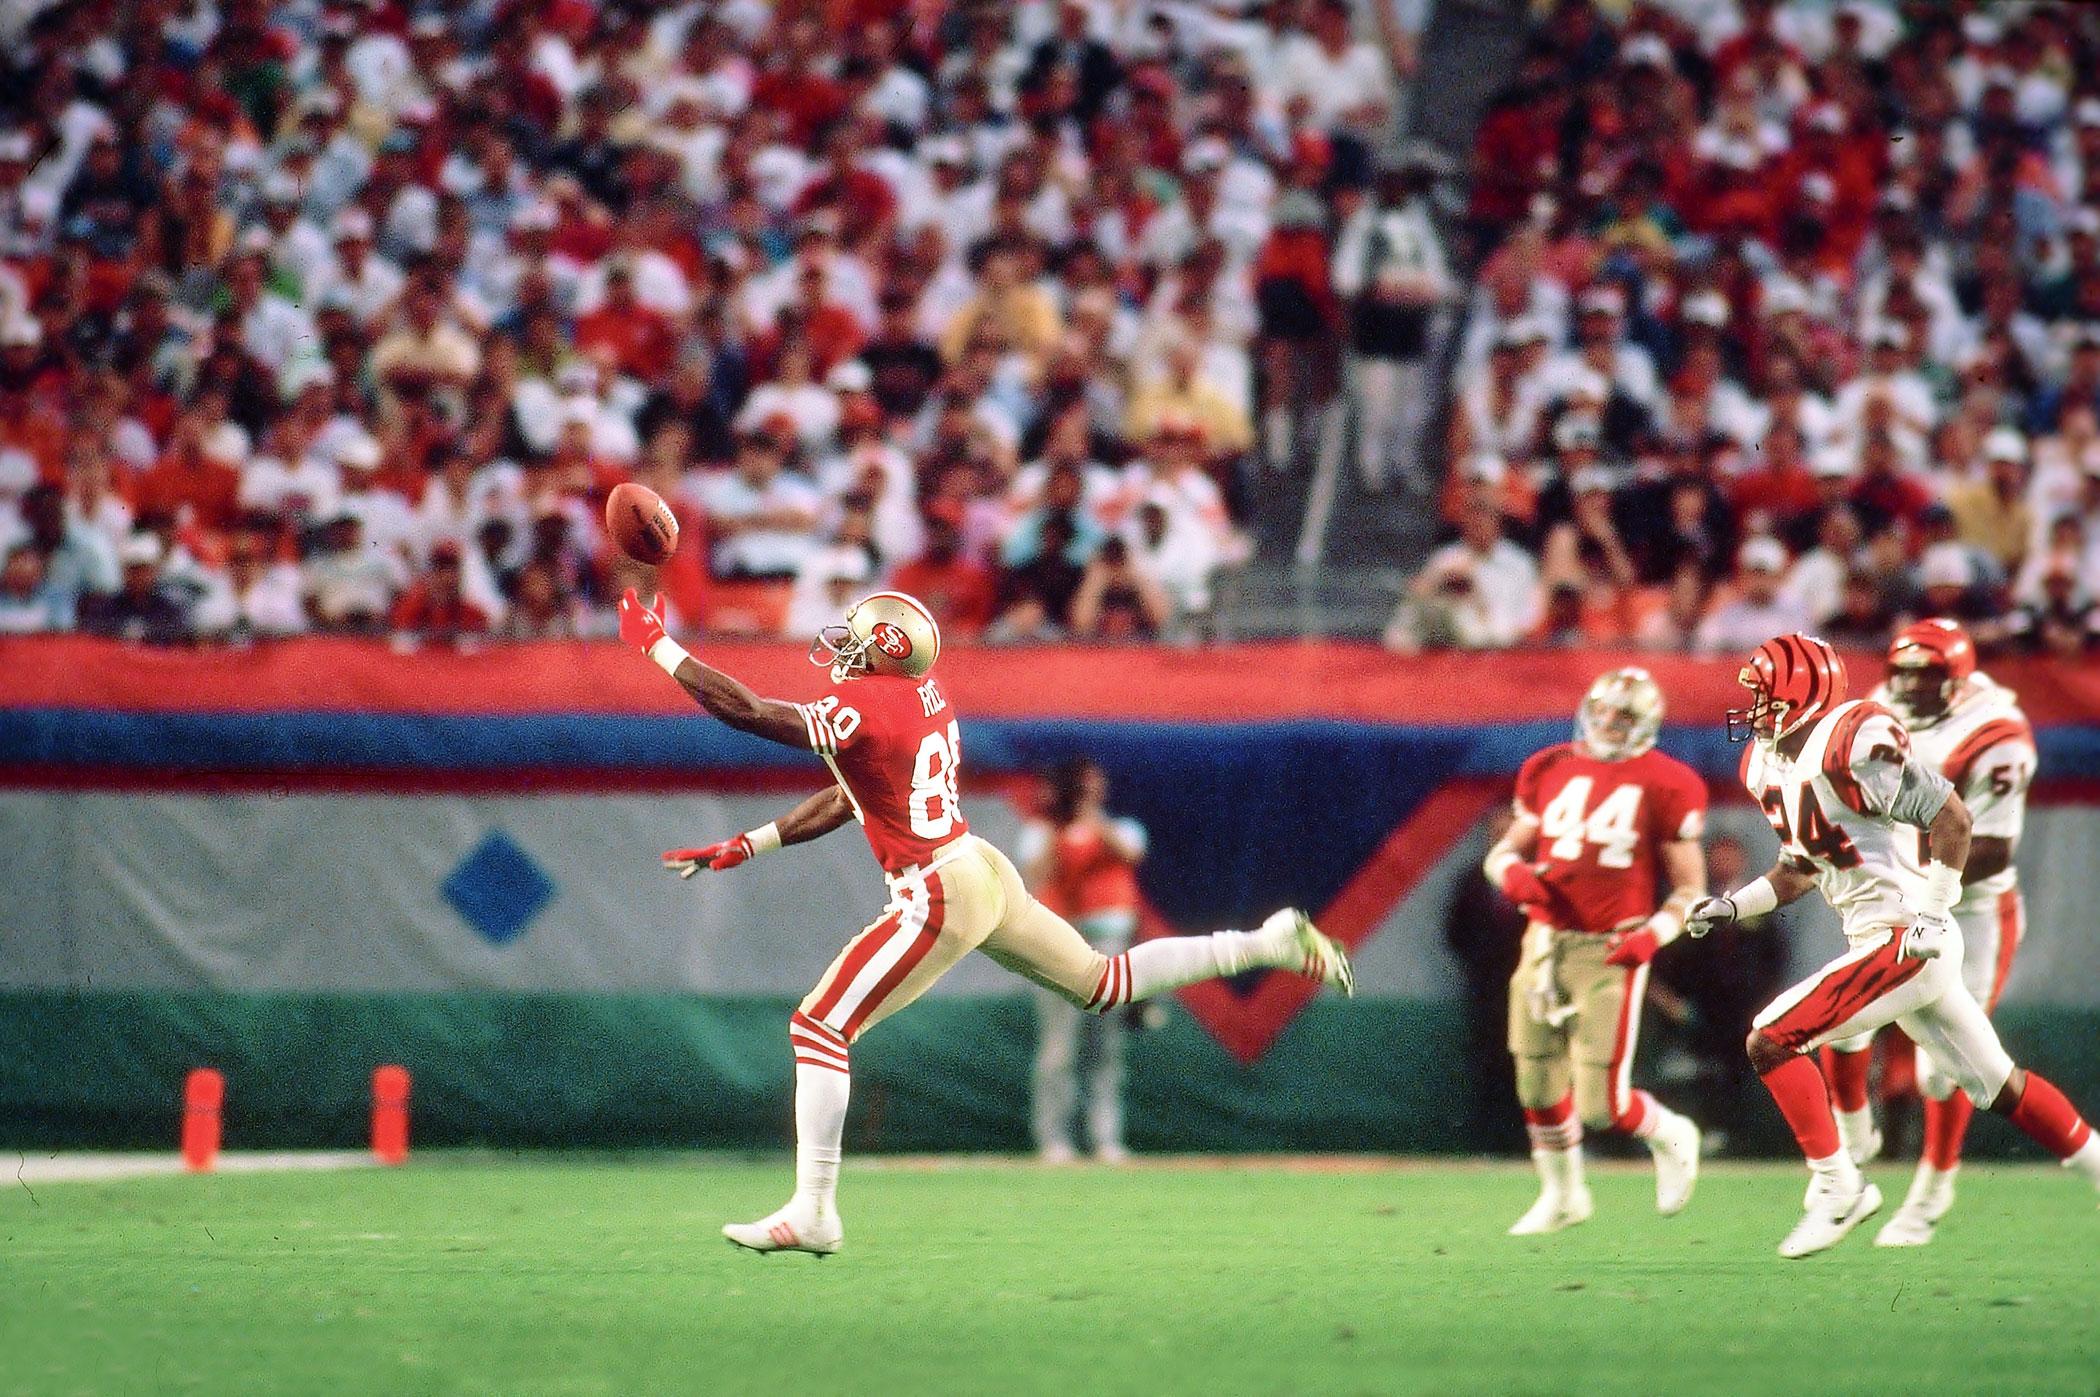 Super Bowl XXIII, Jan. 22, 1989                               San Francisco 49ers vs Cincinnati Bengals in Miami